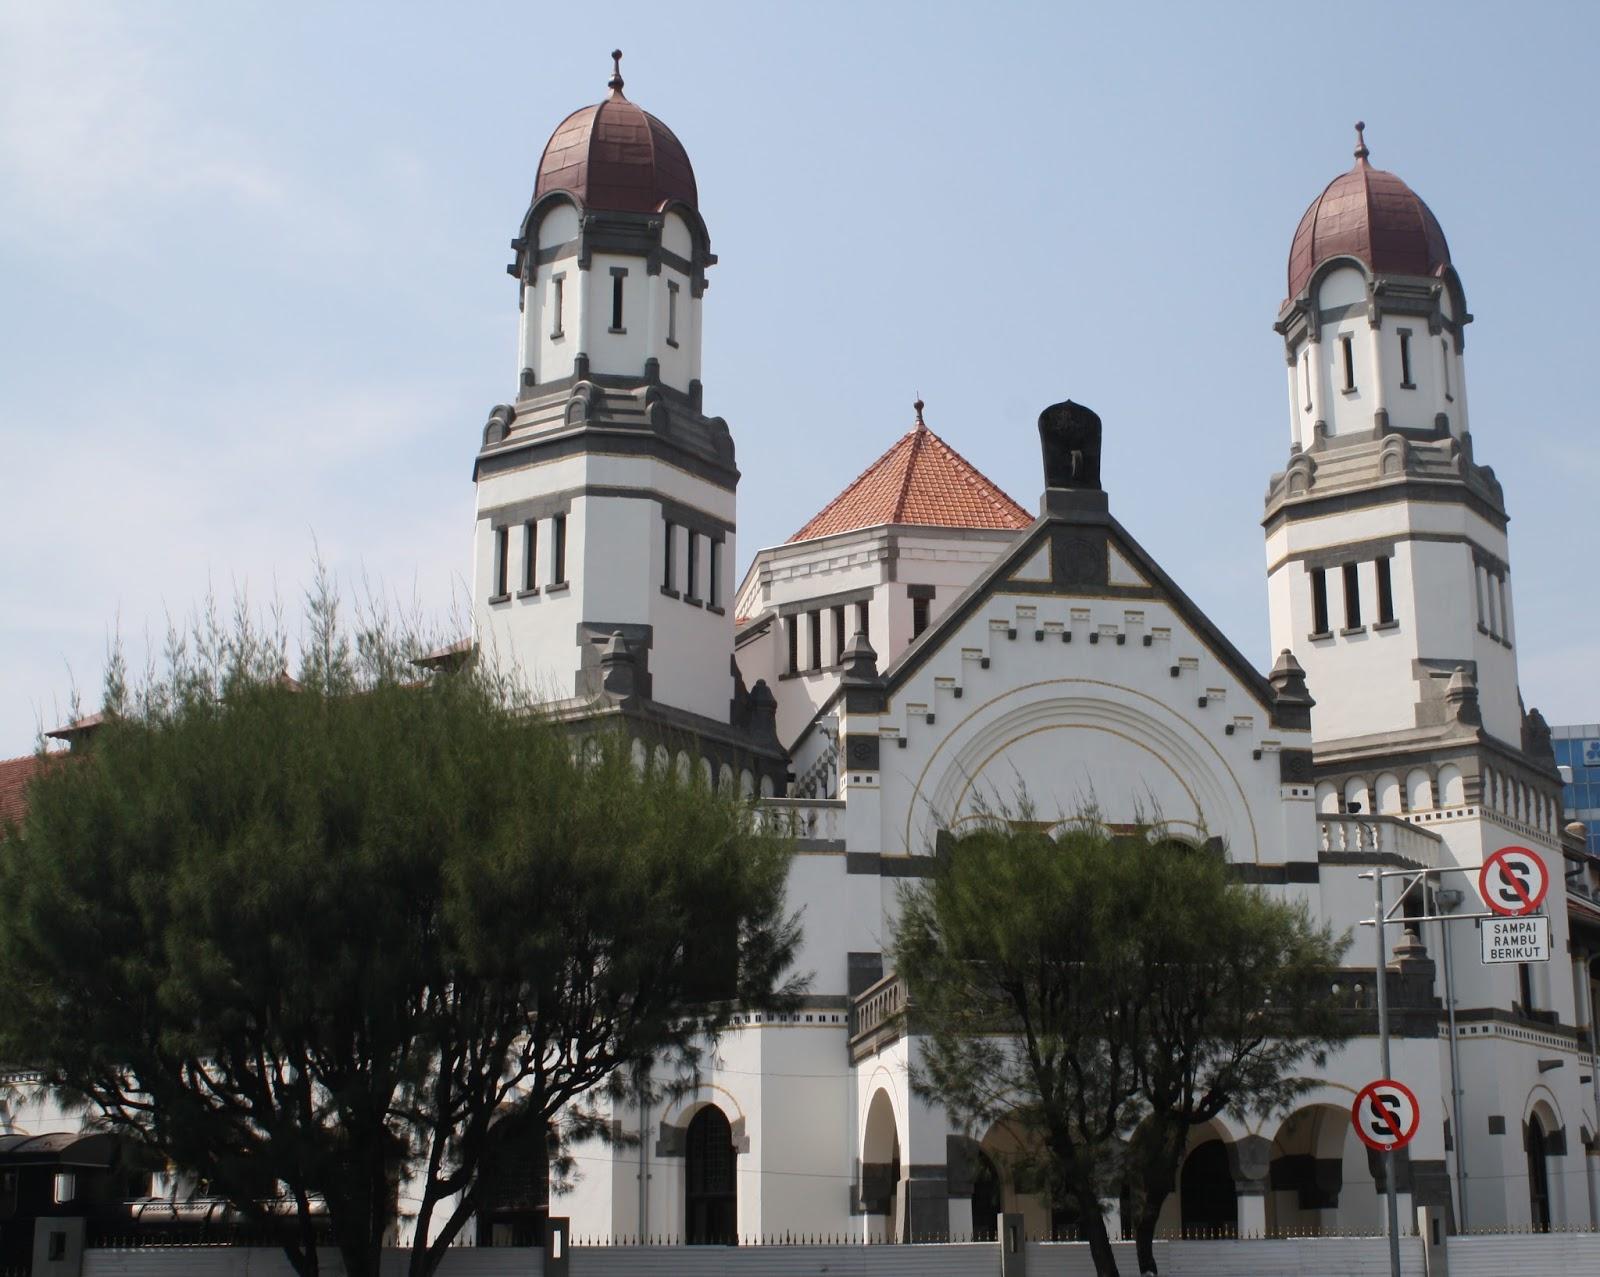 Gedung Lawang Sewu. Saksi Sejarah dua penjajah di Indonesia. Jepang dan Belada.